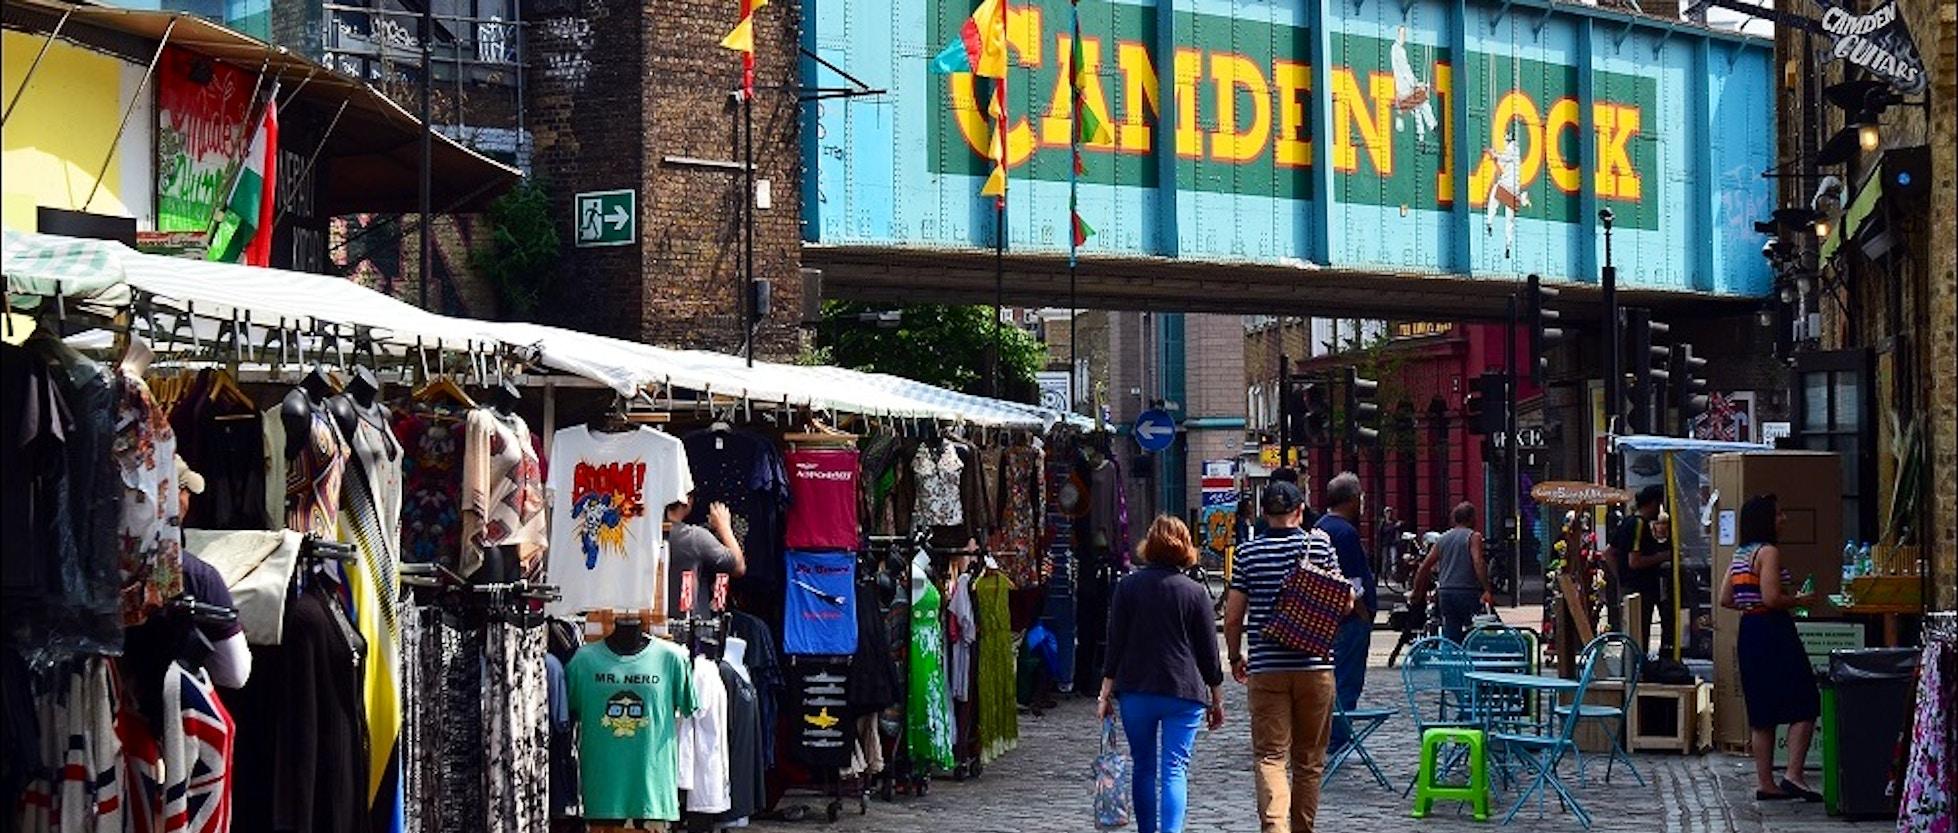 guida ai migliori mercatini di abbigliamento a londra   vivi londra - Migliore Zona Soggiorno Londra